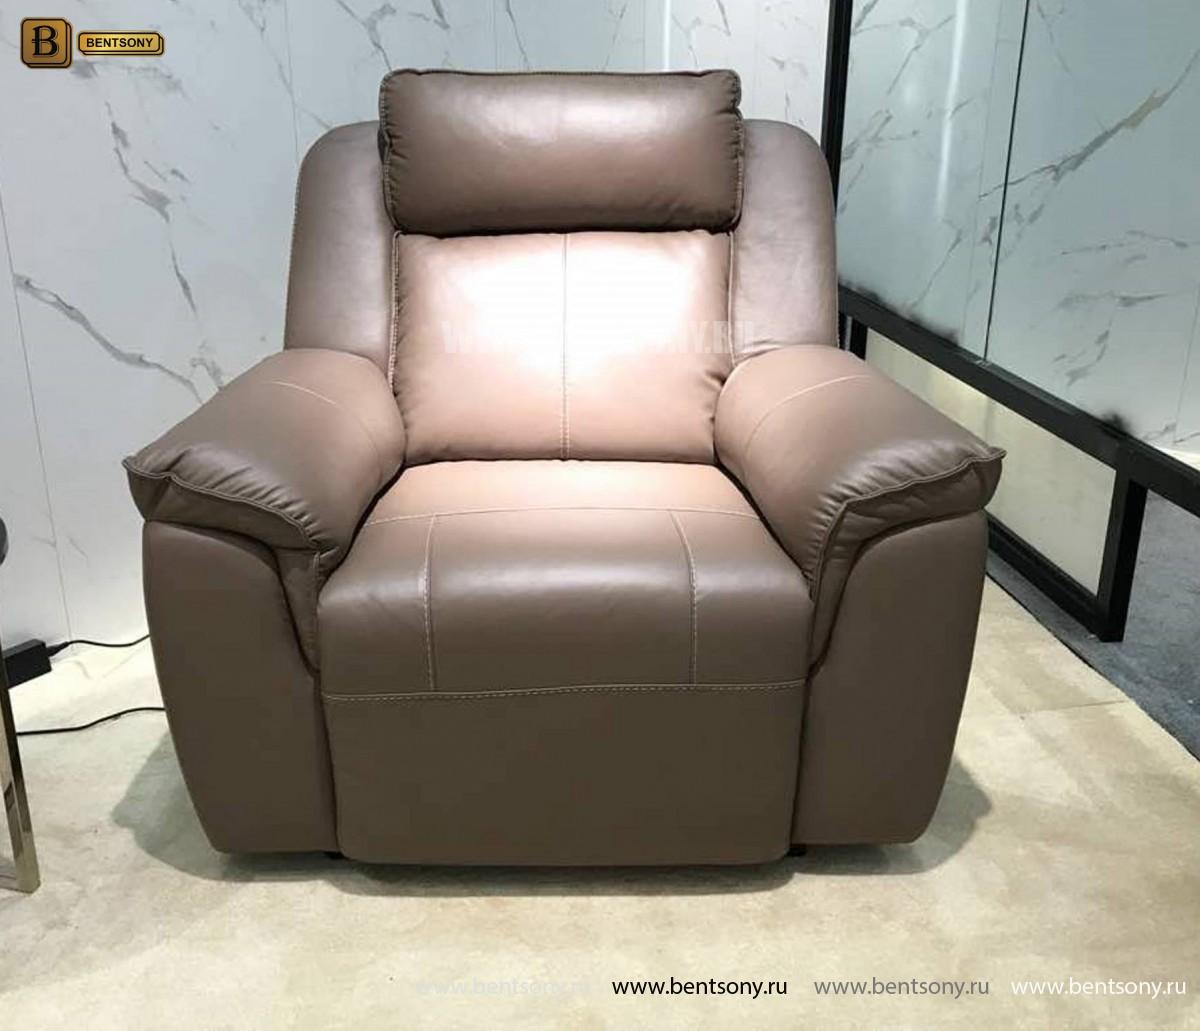 Кресло Конилио сайт цены